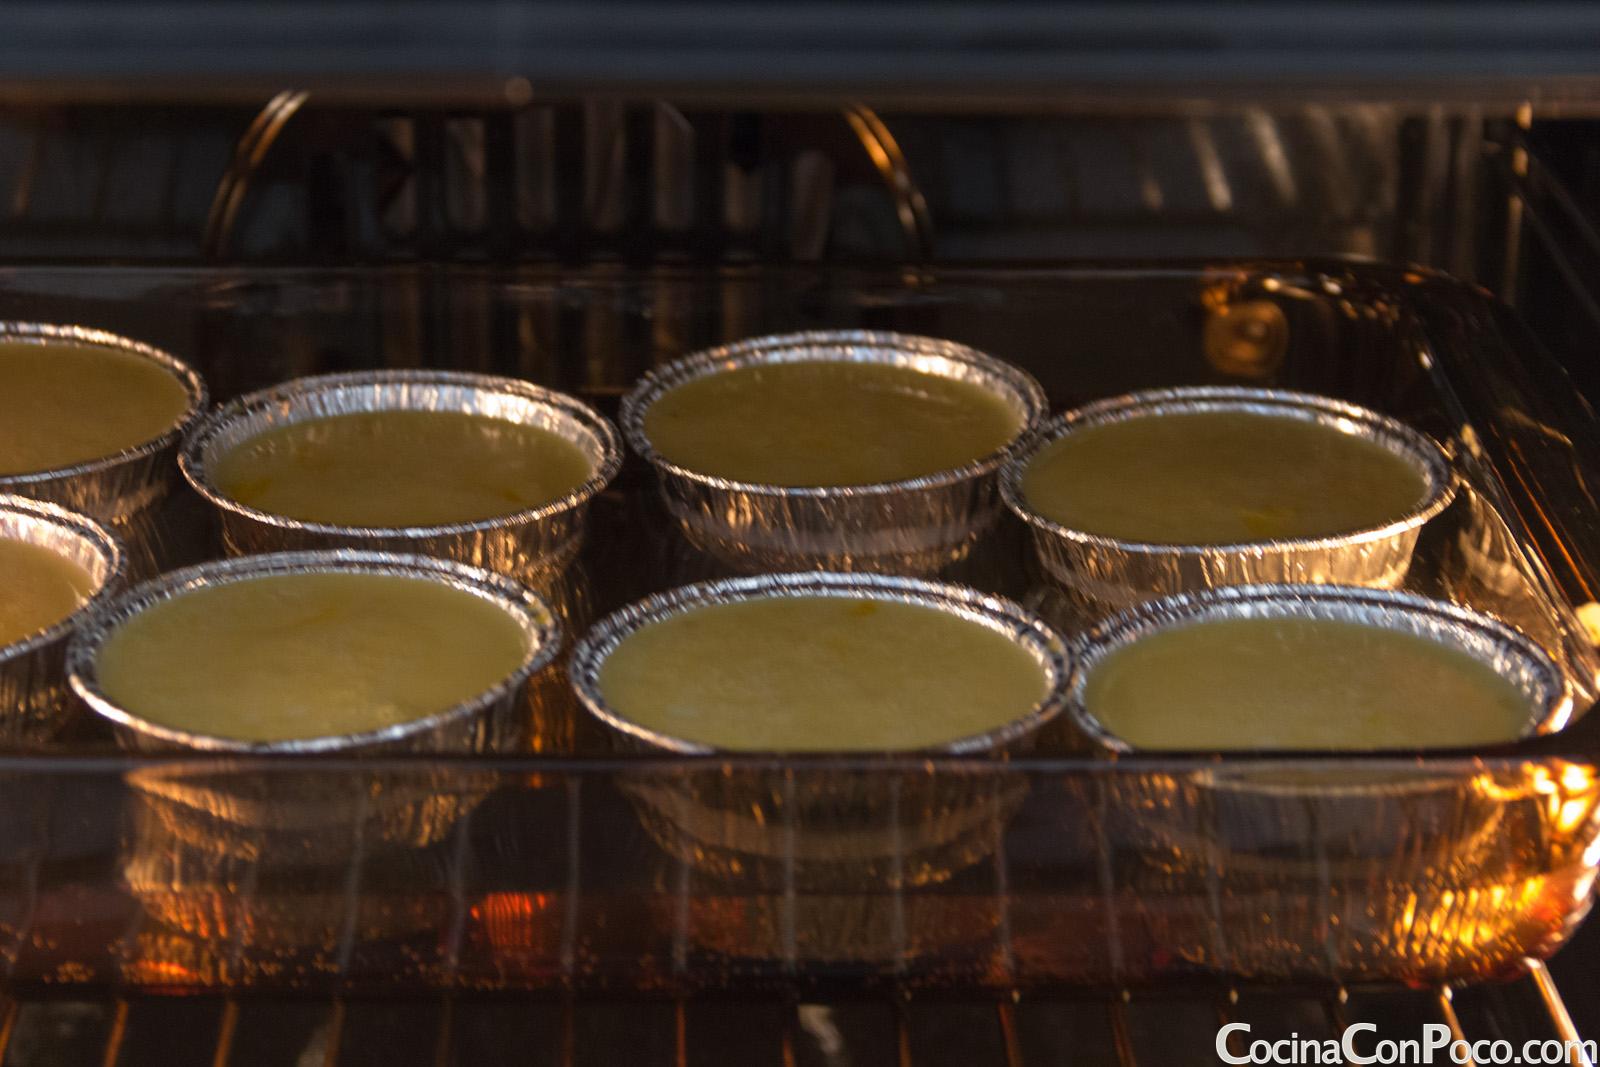 Flan de huevo casero receta paso a paso recetas paso a paso con fotos cocina con poco - Flan de huevo sin horno ni bano maria ...